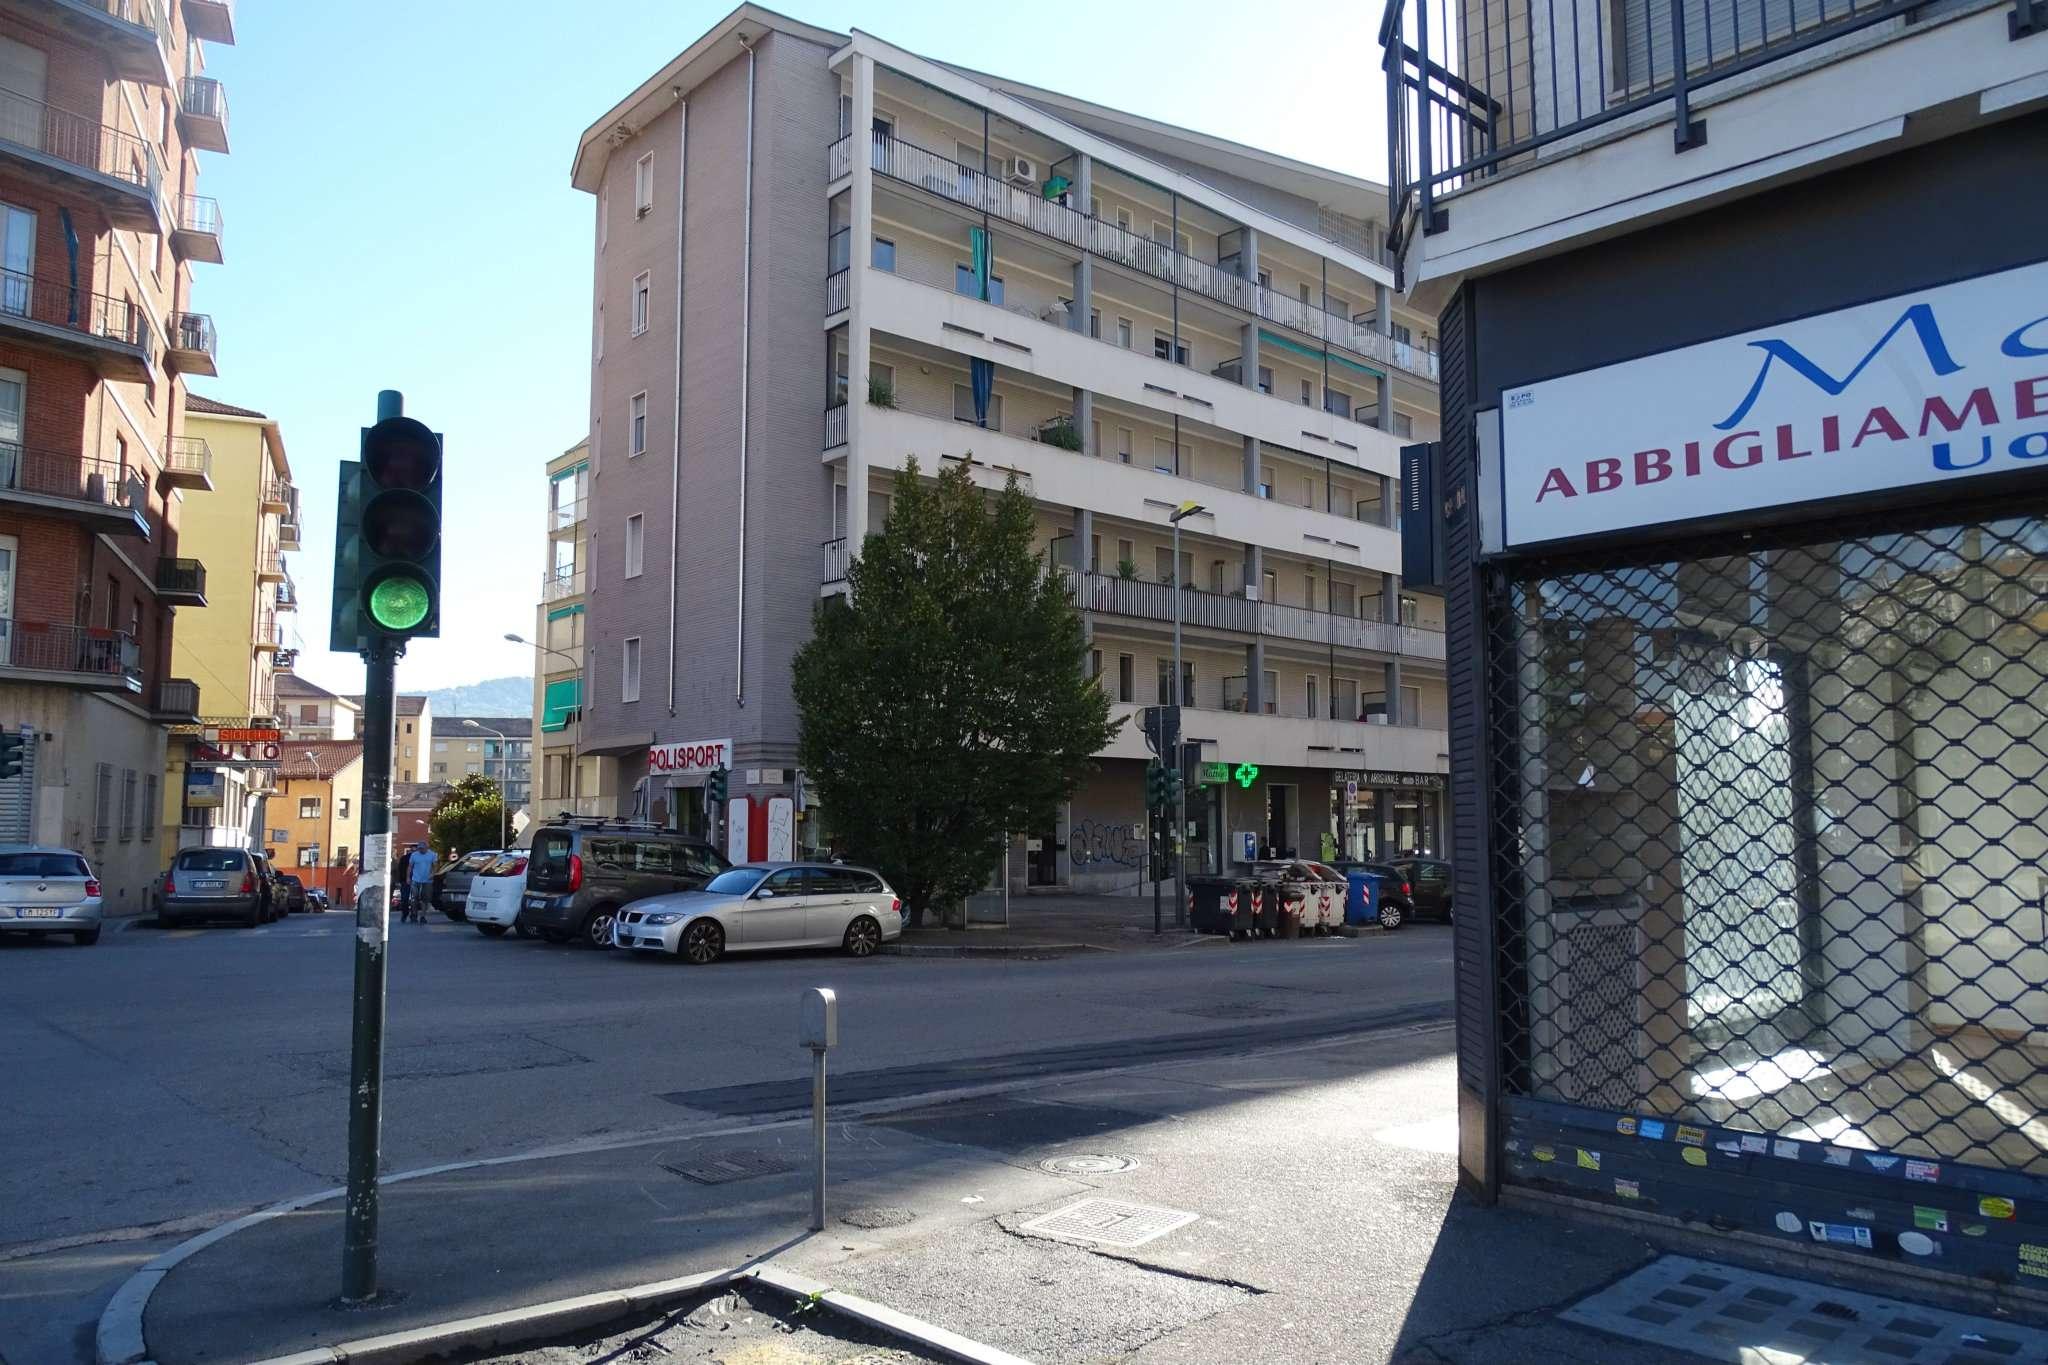 Immagine immobiliare Appartamento in affitto di tre locali in Corso Roma 88 , Moncalieri Proponiamo in affitto in Moncalieri, in Corso Roma n 88 un' appartamento vuoto di mq. 80 ca sito al piano secondo di uno stabile anni '60 con servizio ascensore....